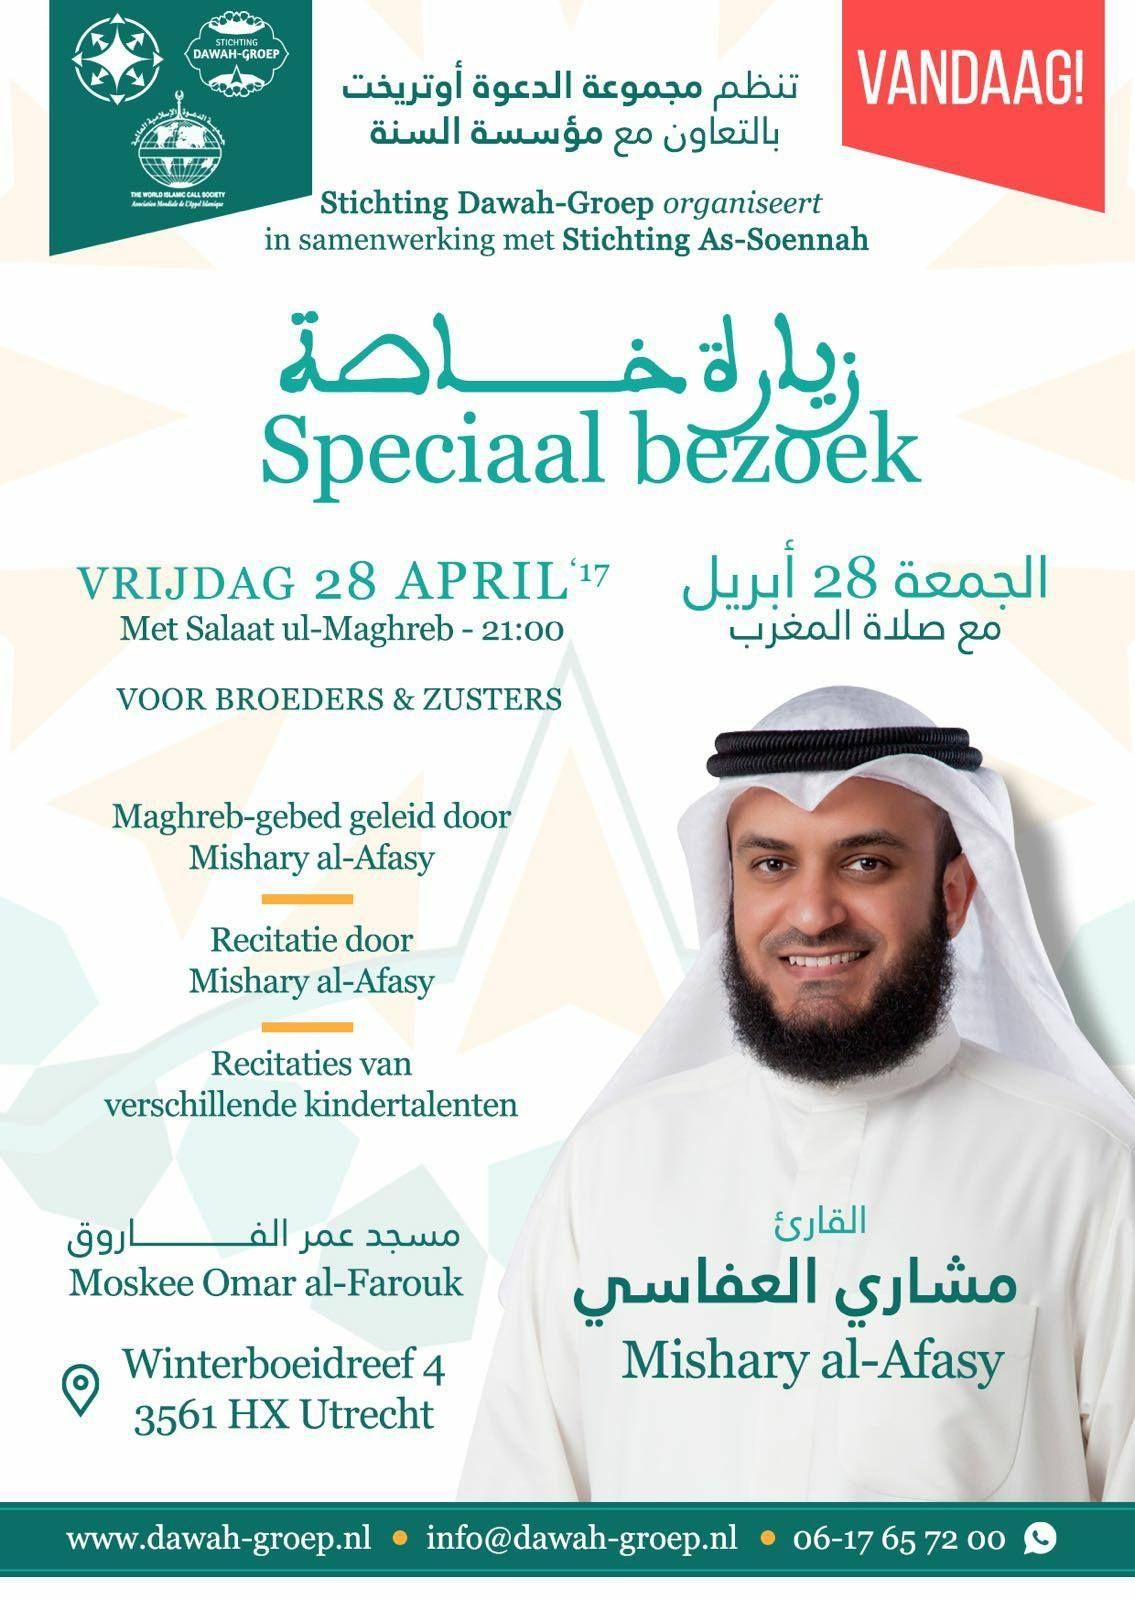 تغطية زيارة خاصة و صلاة المغرب للشيخ مشاري راشد العفاسي بمسجد عمر الفاروق مدينة أترخت هولندا يوم الجمعة 28 X2f 4 X2f 2017 خلال Omar Movie Posters Movies